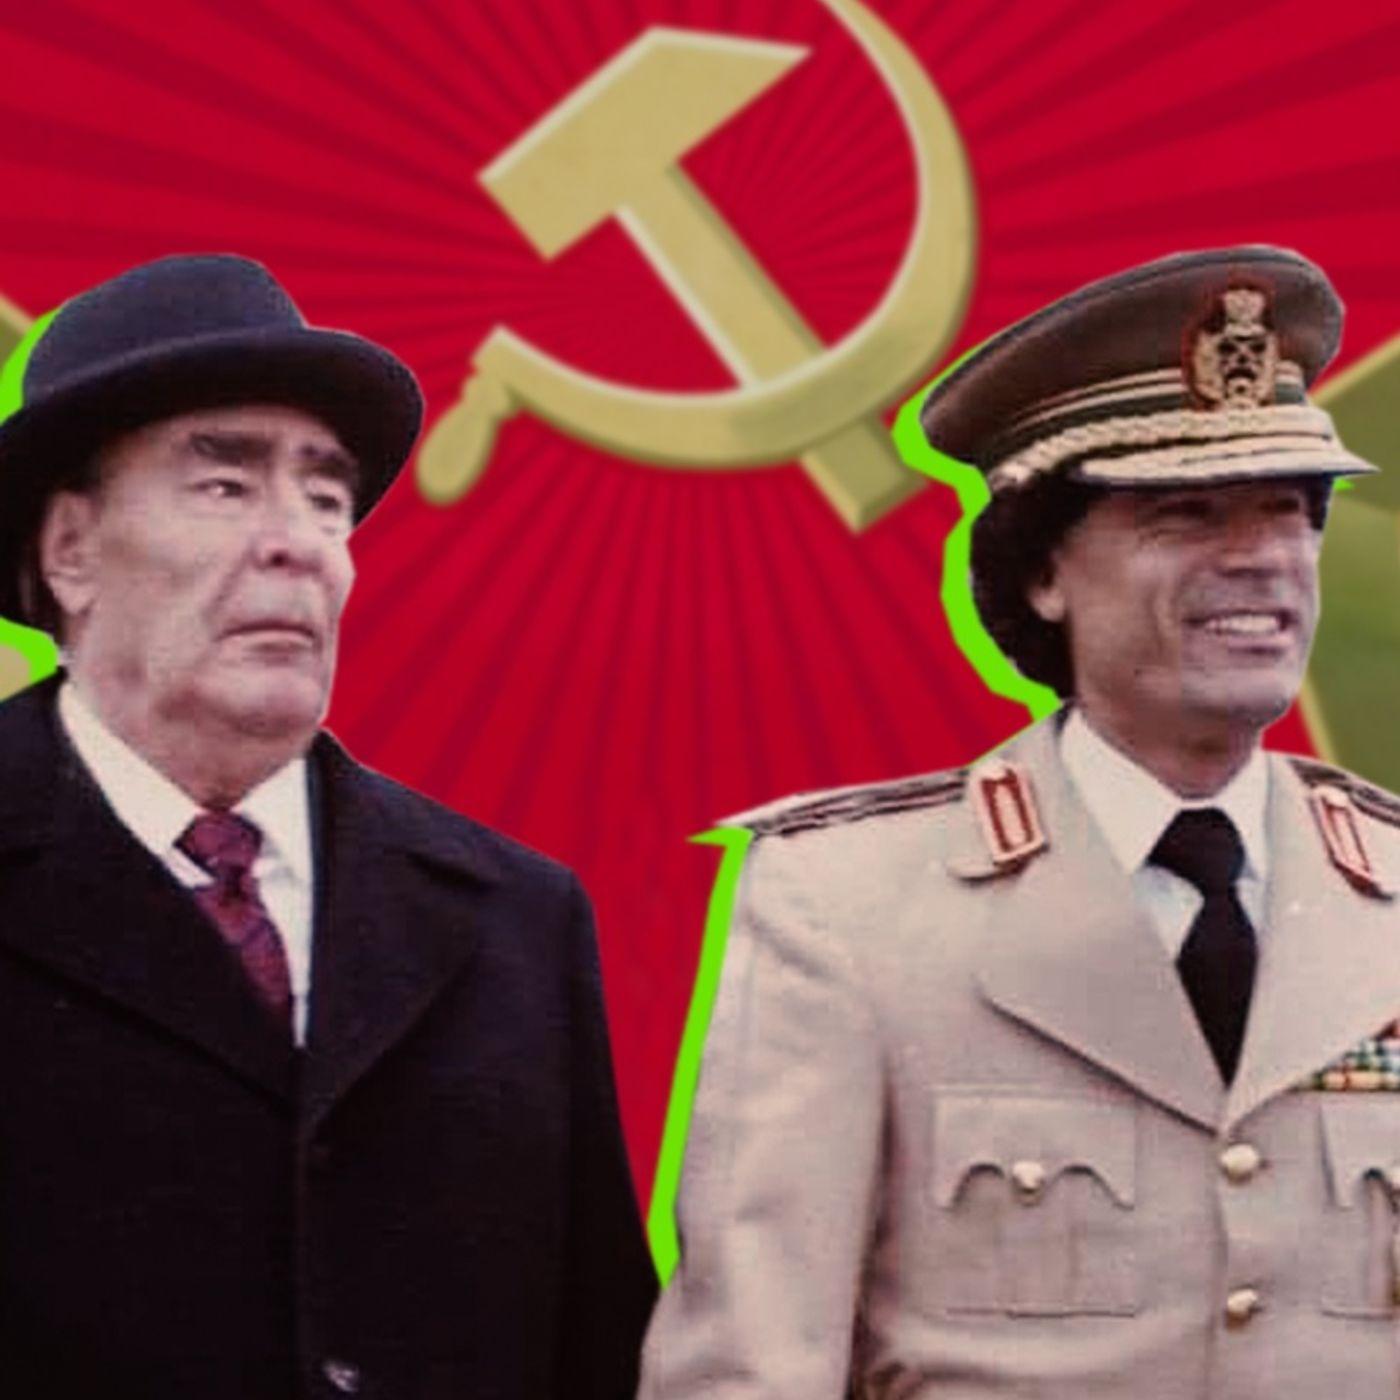 Perché l'Unione Sovietica voleva la Libia (la grande strategia sovietica)